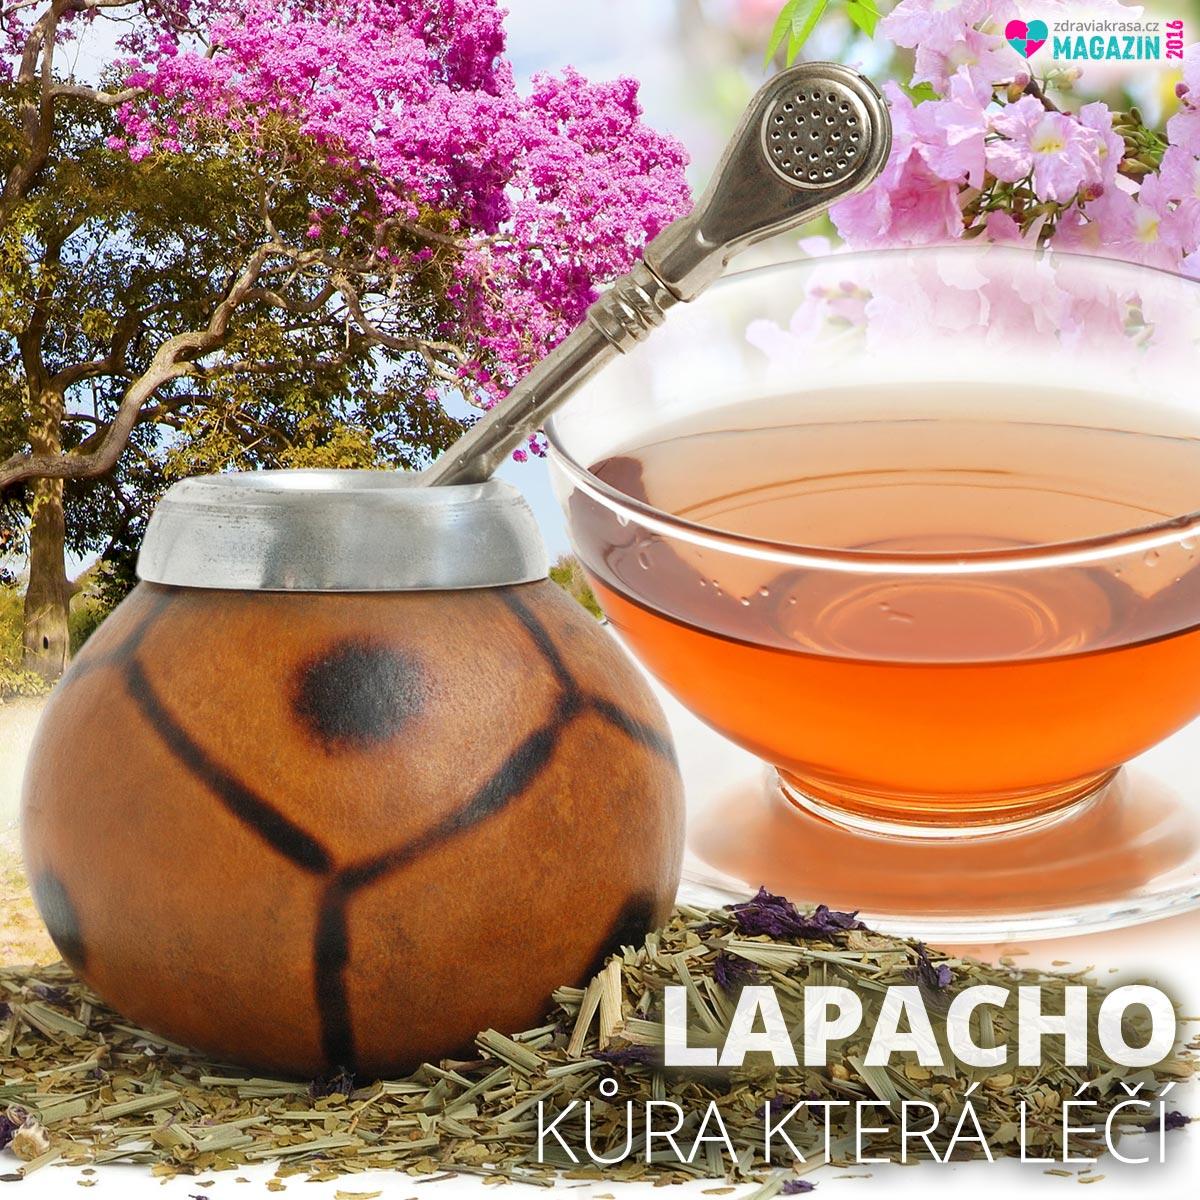 Lapacho patří díky své kůže mezi známé léčivky.